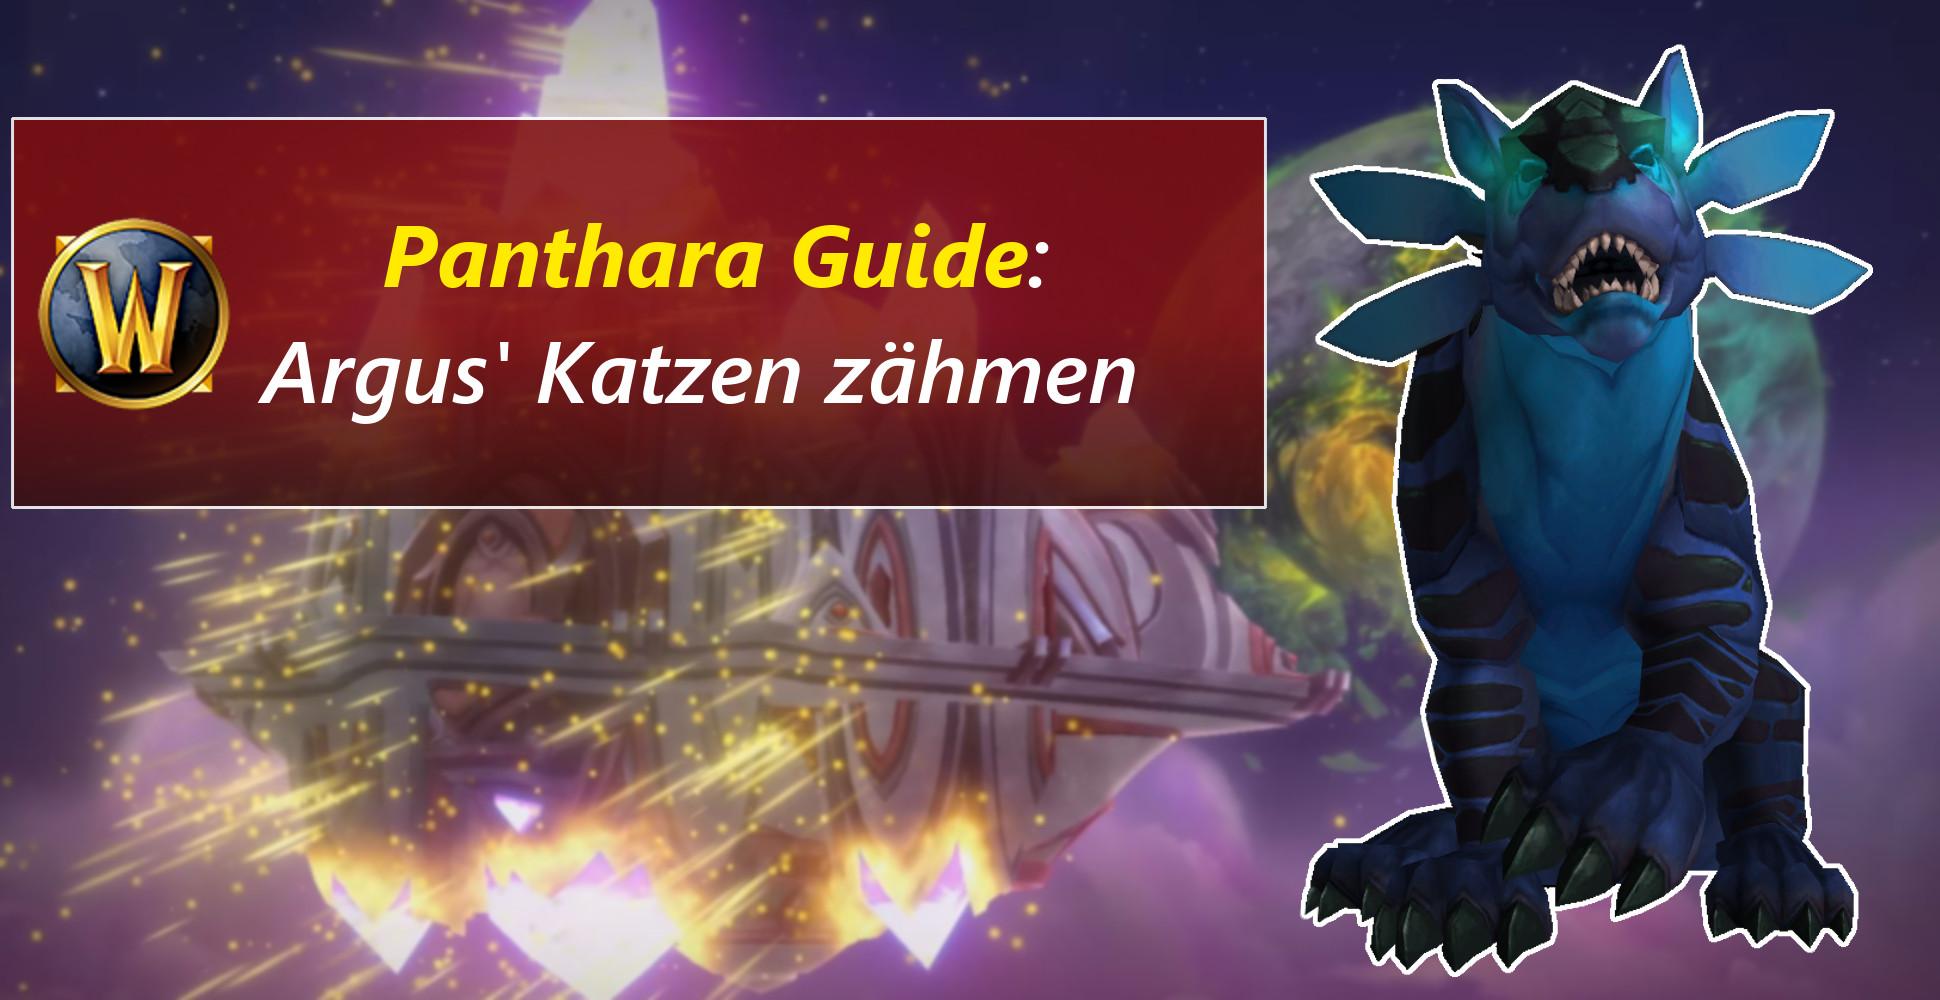 WoW Guide: So können Jäger die Panthara zähmen